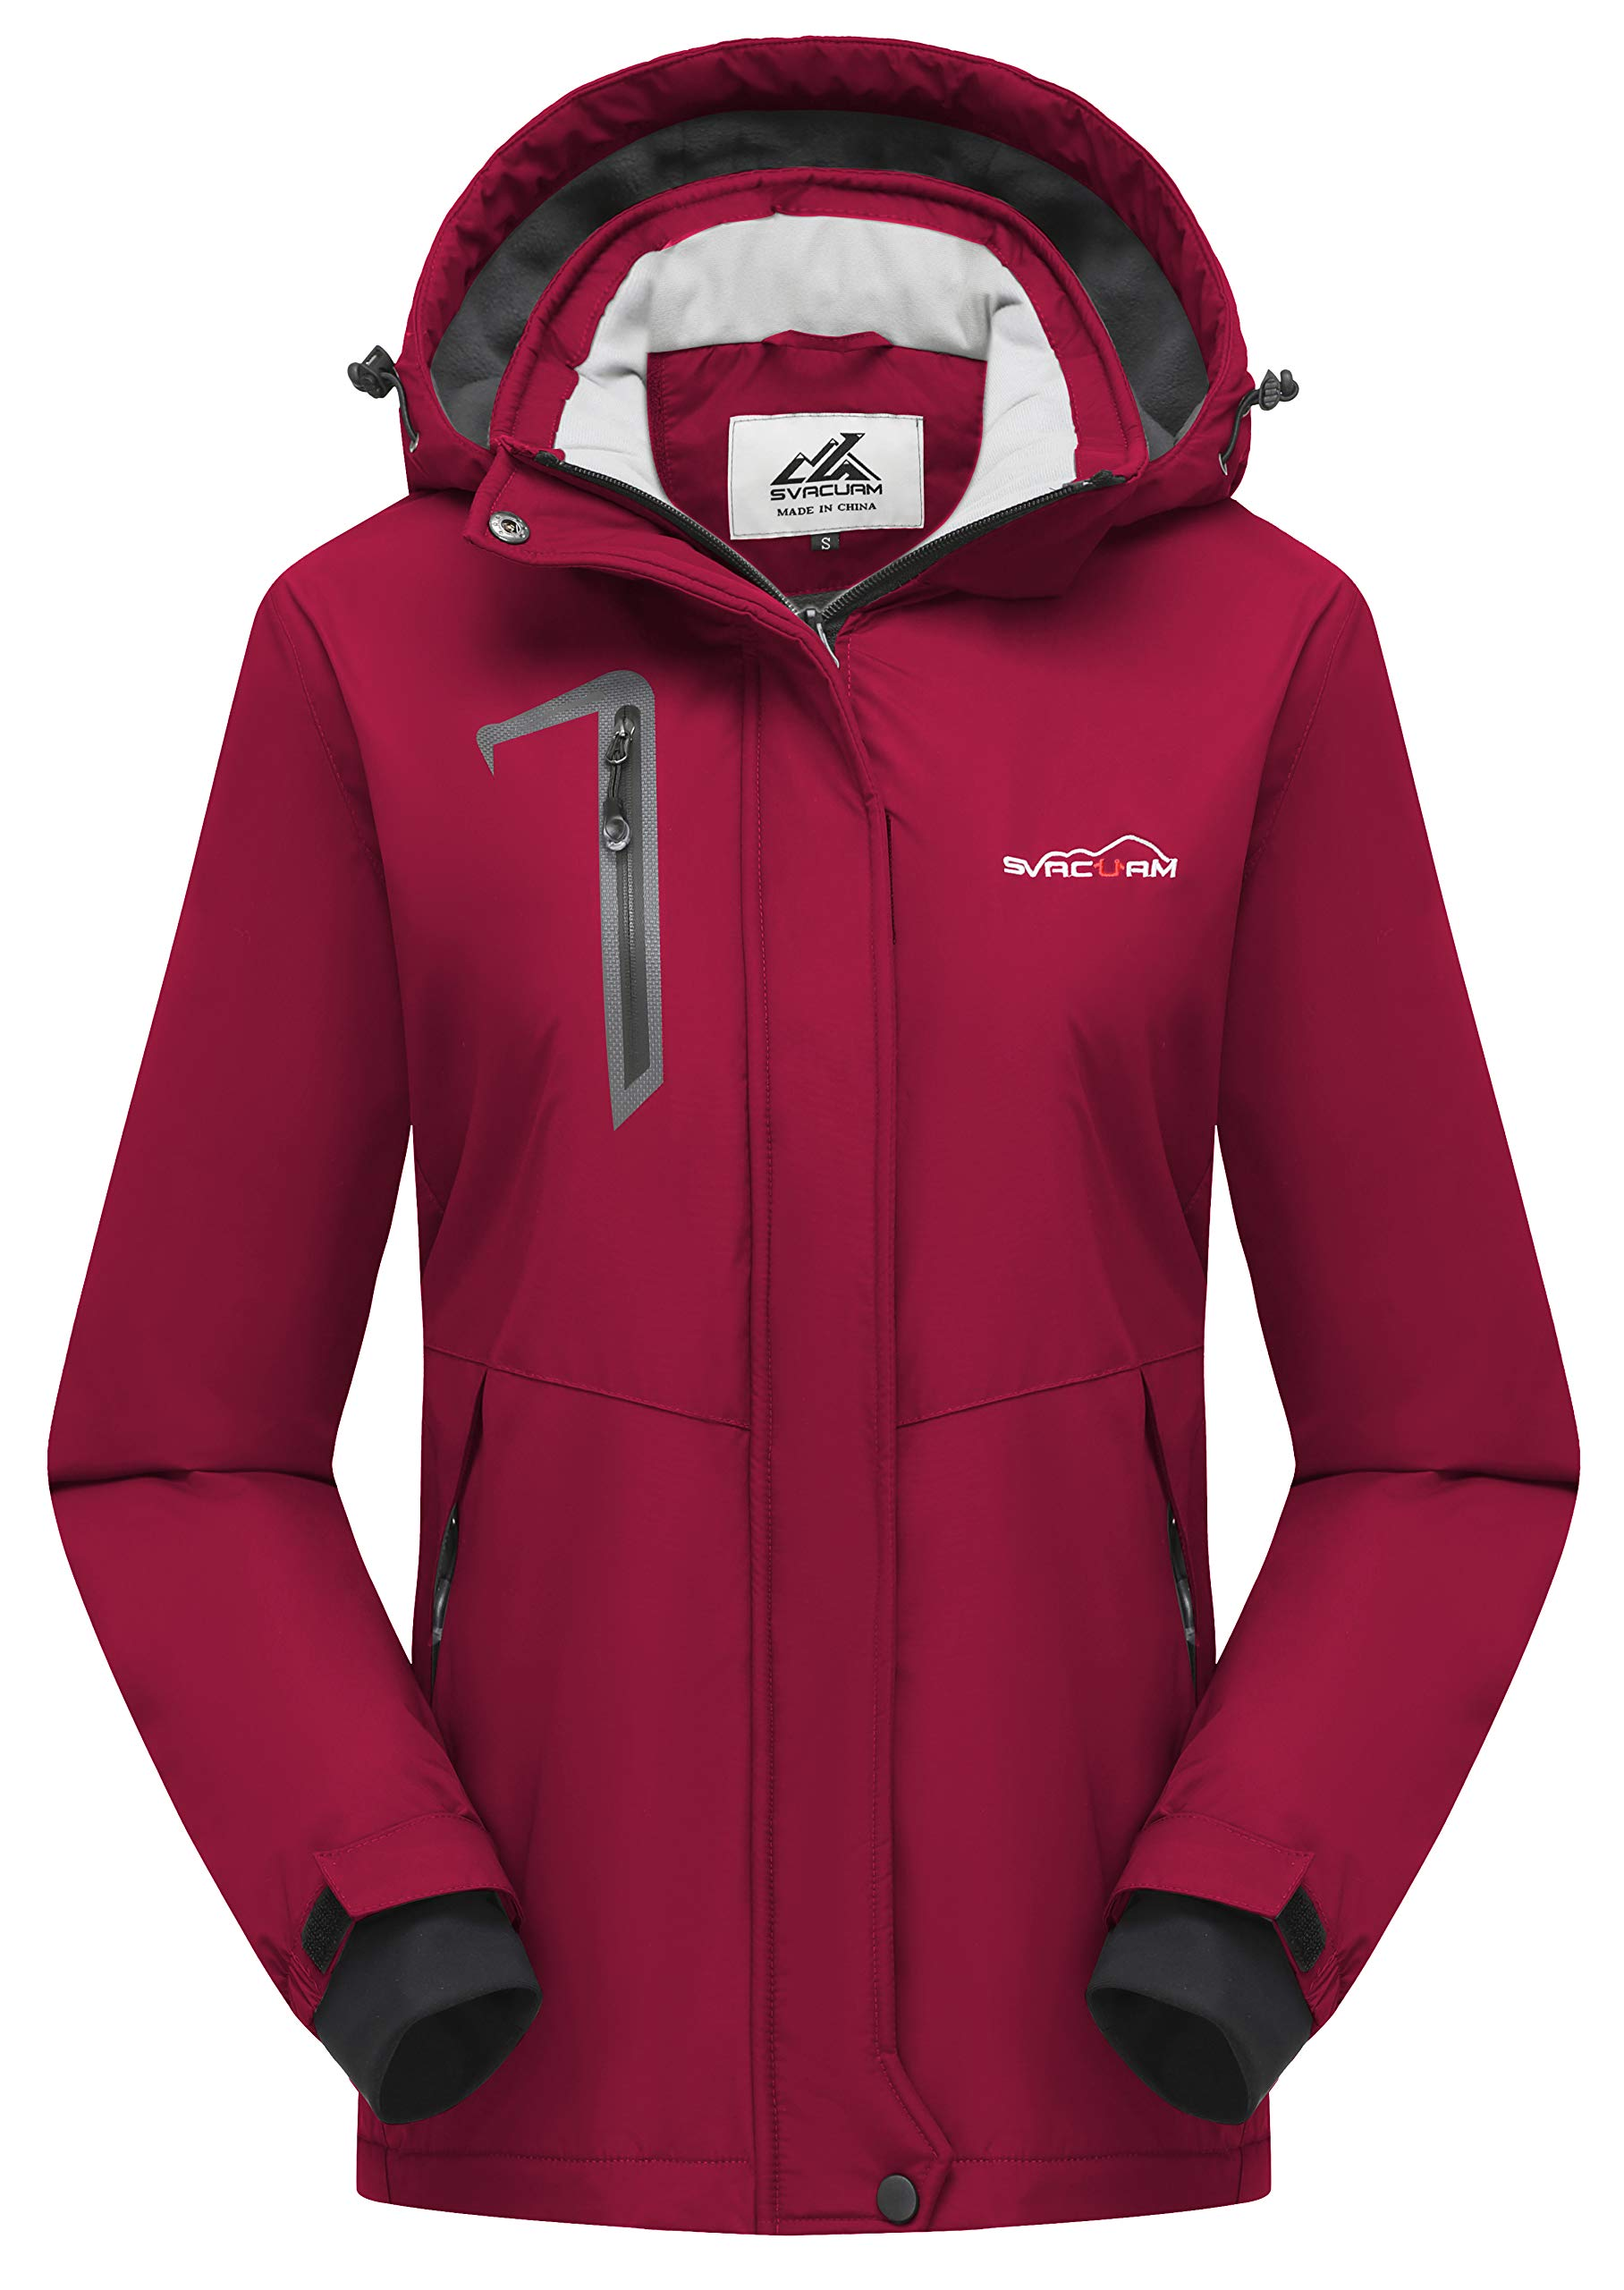 svacuam Women's Waterproof Warm Sherpa Fleece Lined Ski Jacket with Removable Hood